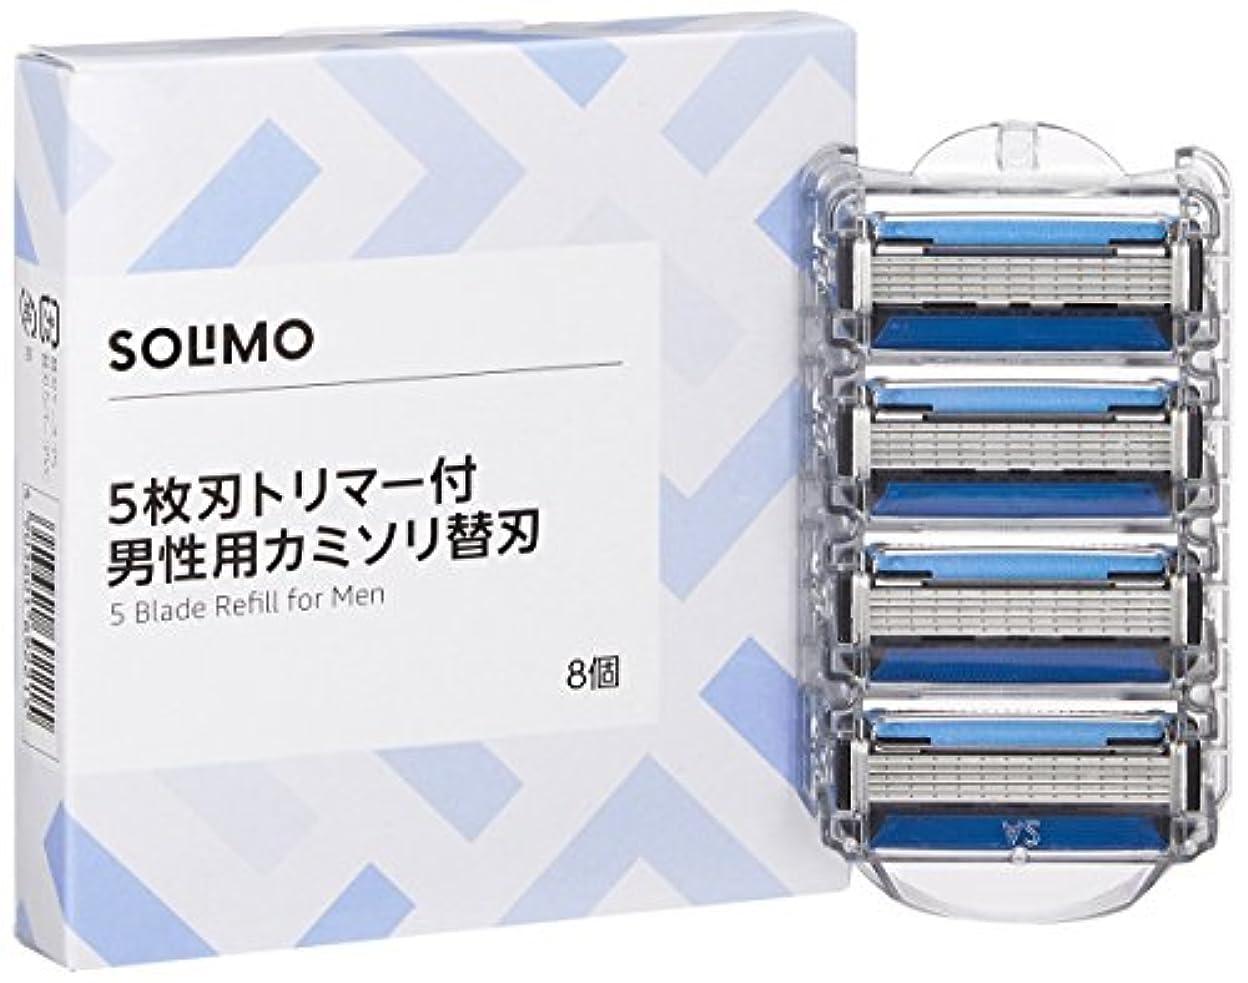 リサイクルする排除する行き当たりばったり[Amazonブランド]SOLIMO 5枚刃 トリマー付 男性用 カミソリ替刃8個